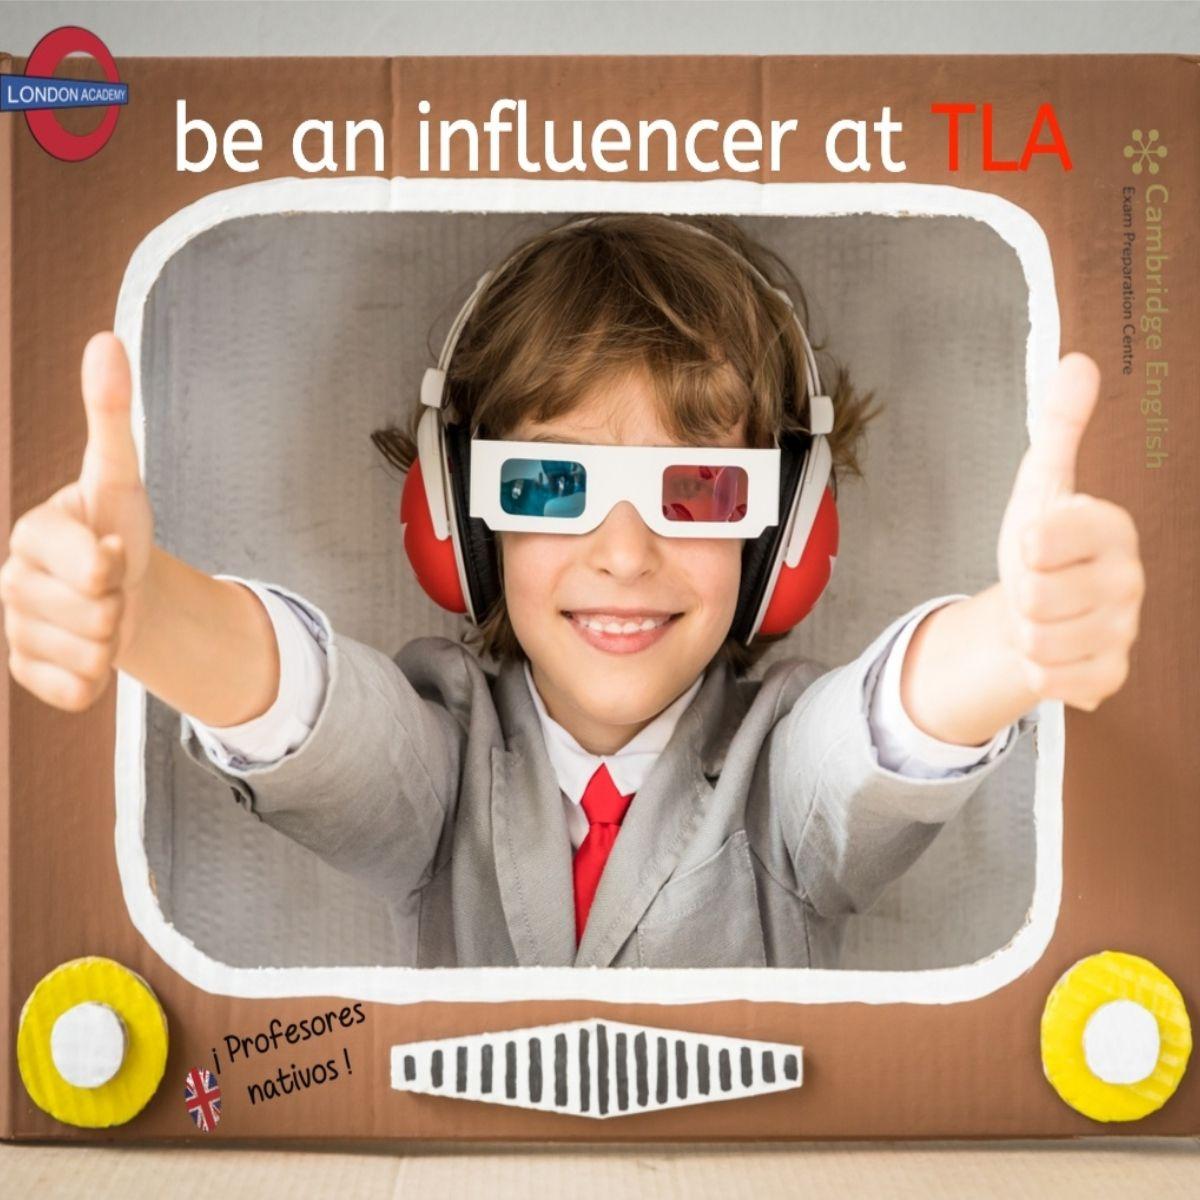 Be an influencer 1200x1200